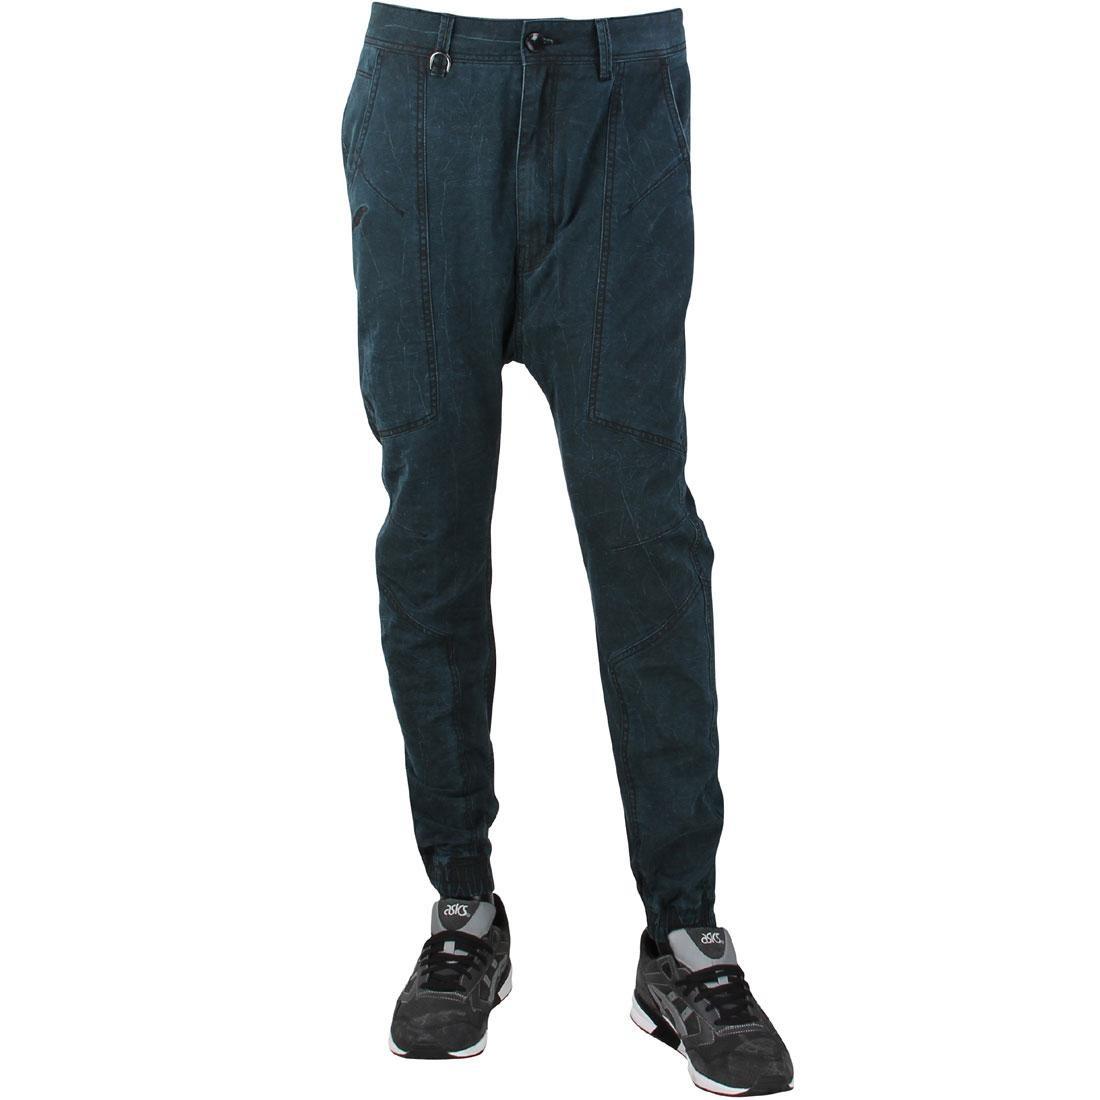 パブリッシュ ジョガーパンツ 【 PUBLISH MEN RICH JOGGER PANTS NAVY 】 メンズファッション ズボン パンツ 送料無料